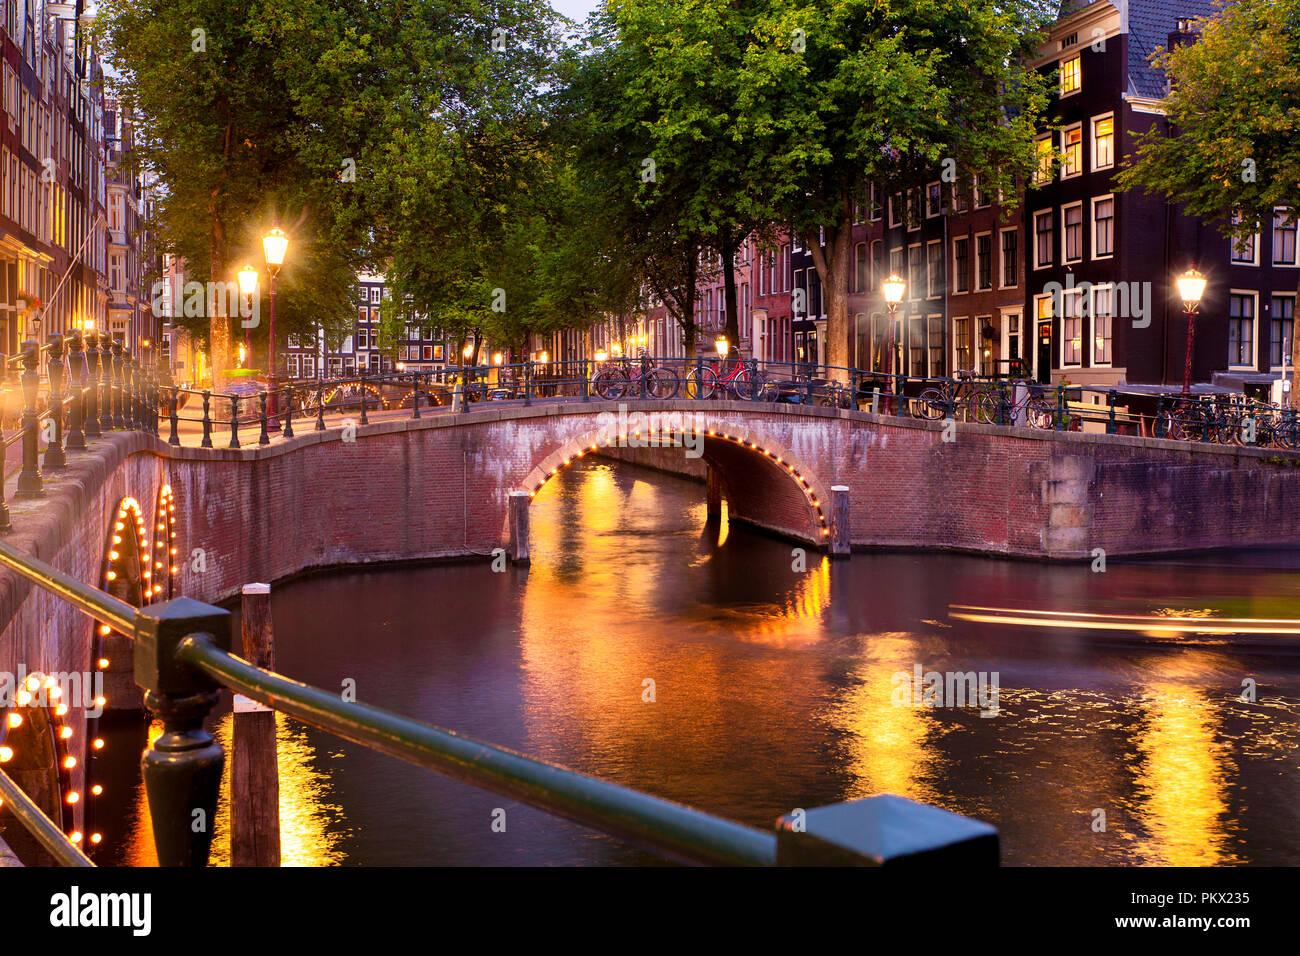 Belle scène de nuit de la ville d'Amsterdam aux Pays-Bas avec des canaux et des lumières Banque D'Images